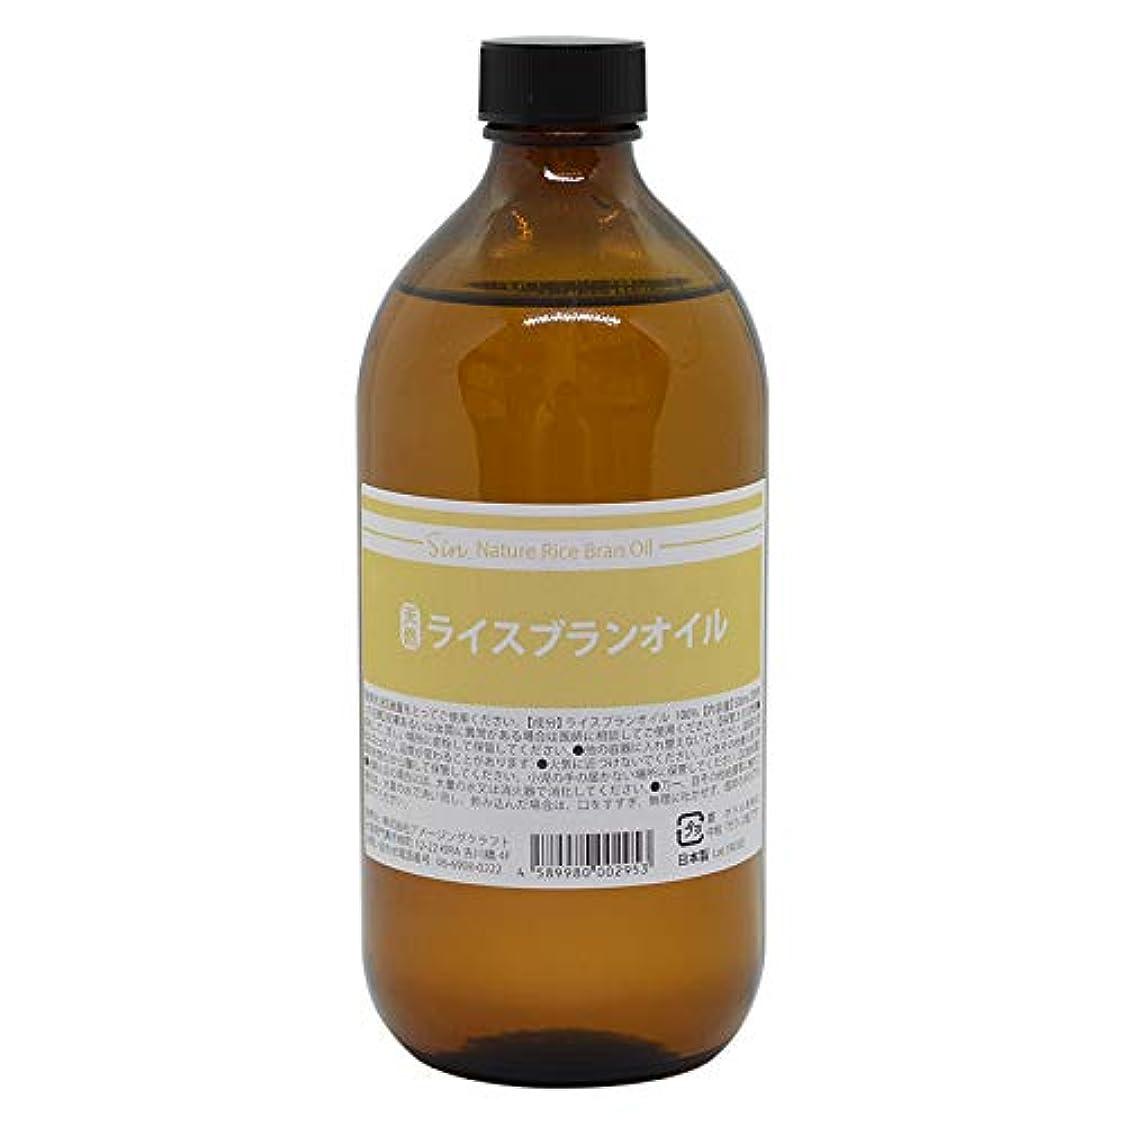 チャンバーカロリー落ち着く天然無添加 国内精製 ライスブランオイル 500ml ライスオイル